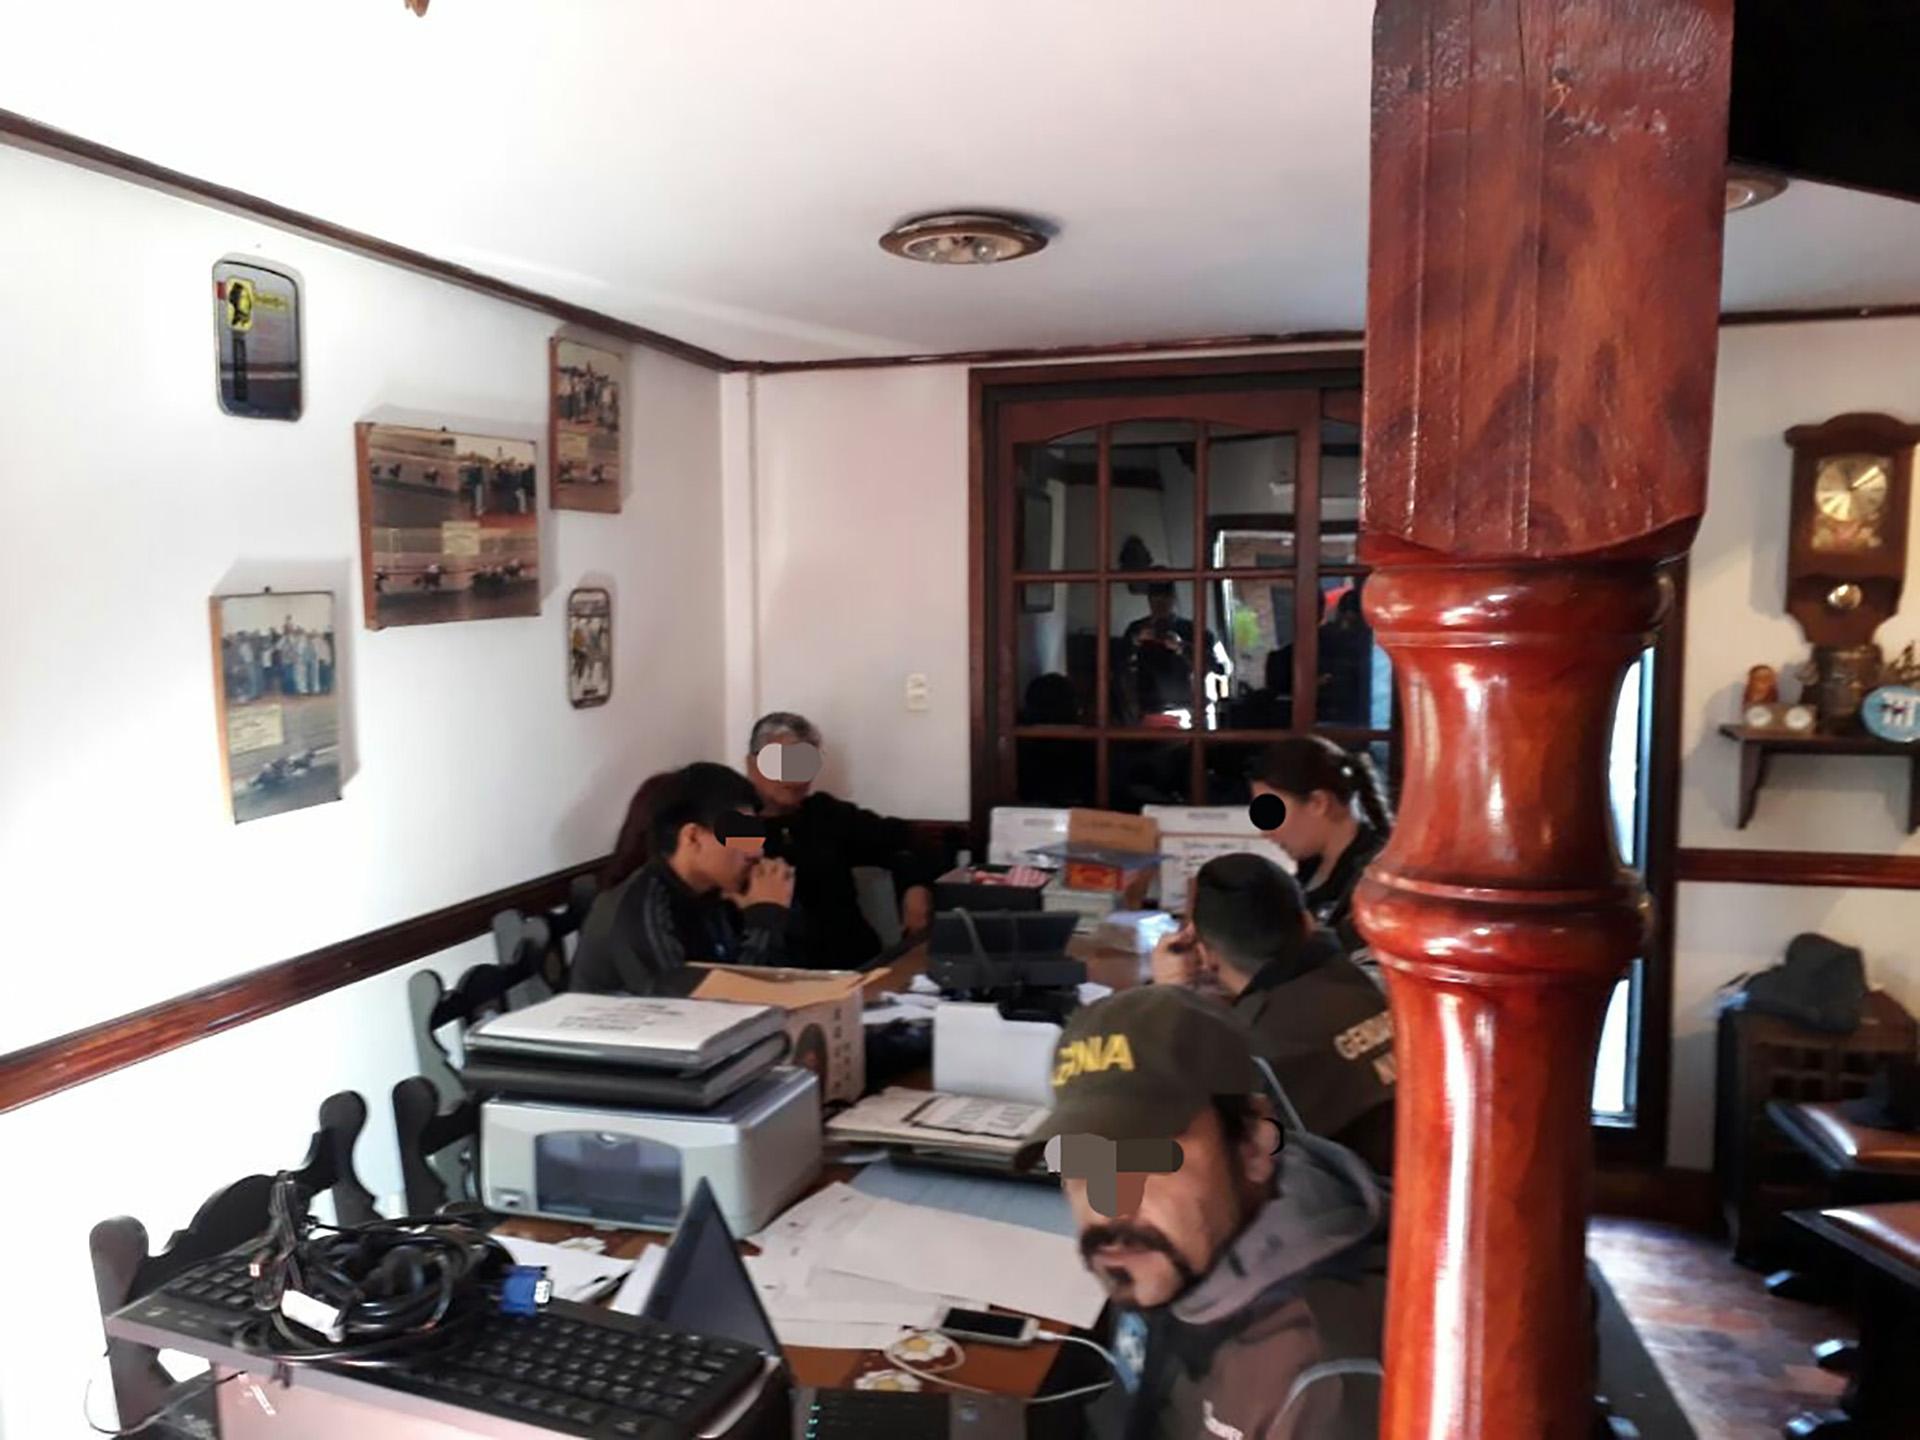 """Una banda dedicada al juego clandestino, cuyo líder era el zar """"José Gil"""" y que operaba en la zona sur del conurbano (con ramificaciones en la CABA), fue desbaratada en las últimas horas por la Policía de la Provincia de Buenos Aires tras una ardua investigación que culminó con 56 detenidos y el secuestro de sumas millonarias incluyendo pesos, dólares y otras monedas extranjeras (NA)"""